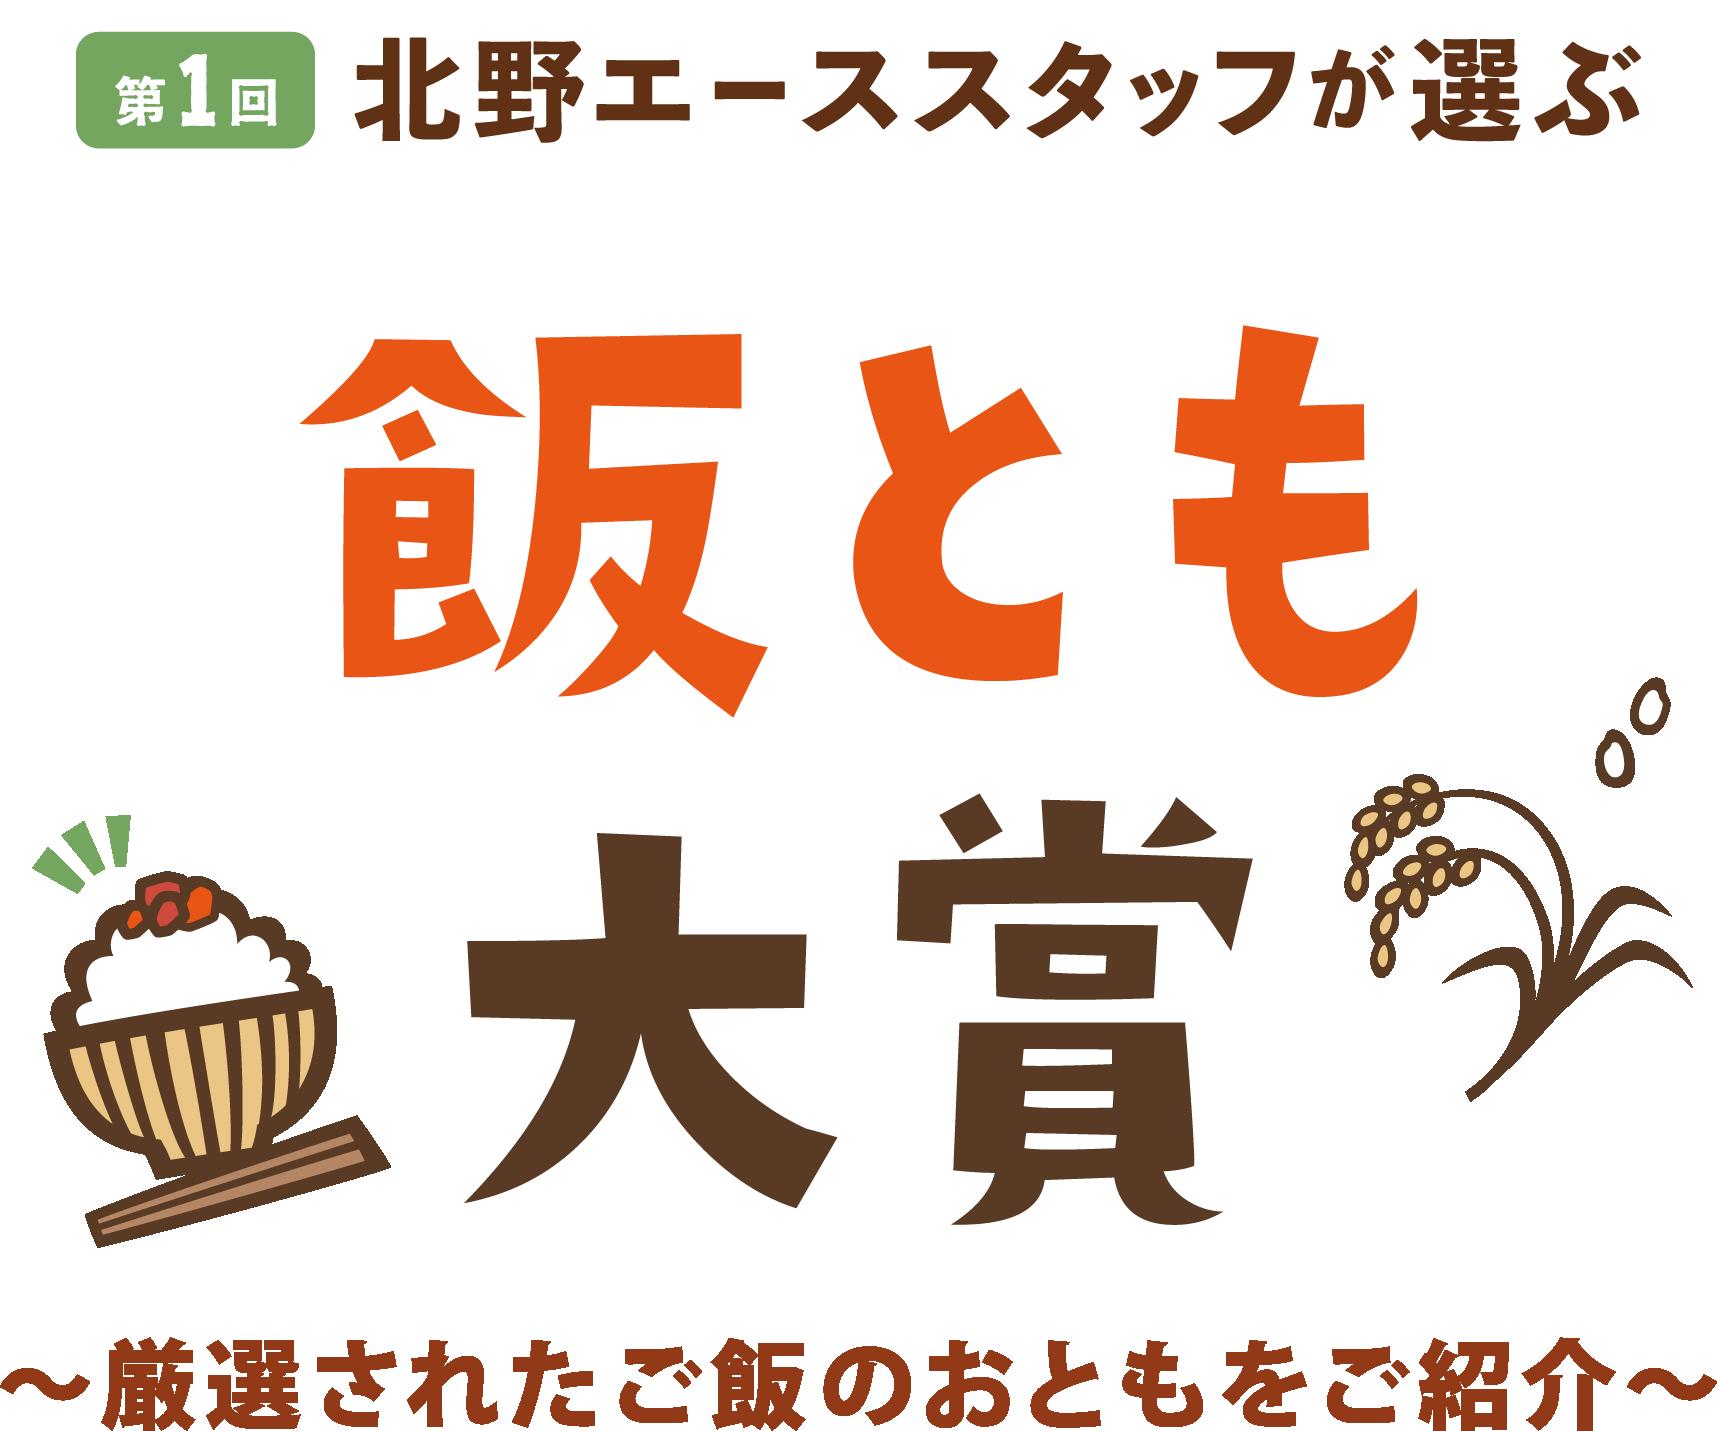 第1回北野エーススタッフが選ぶ「飯とも大賞」〜厳選されたご飯のおともをご紹介〜